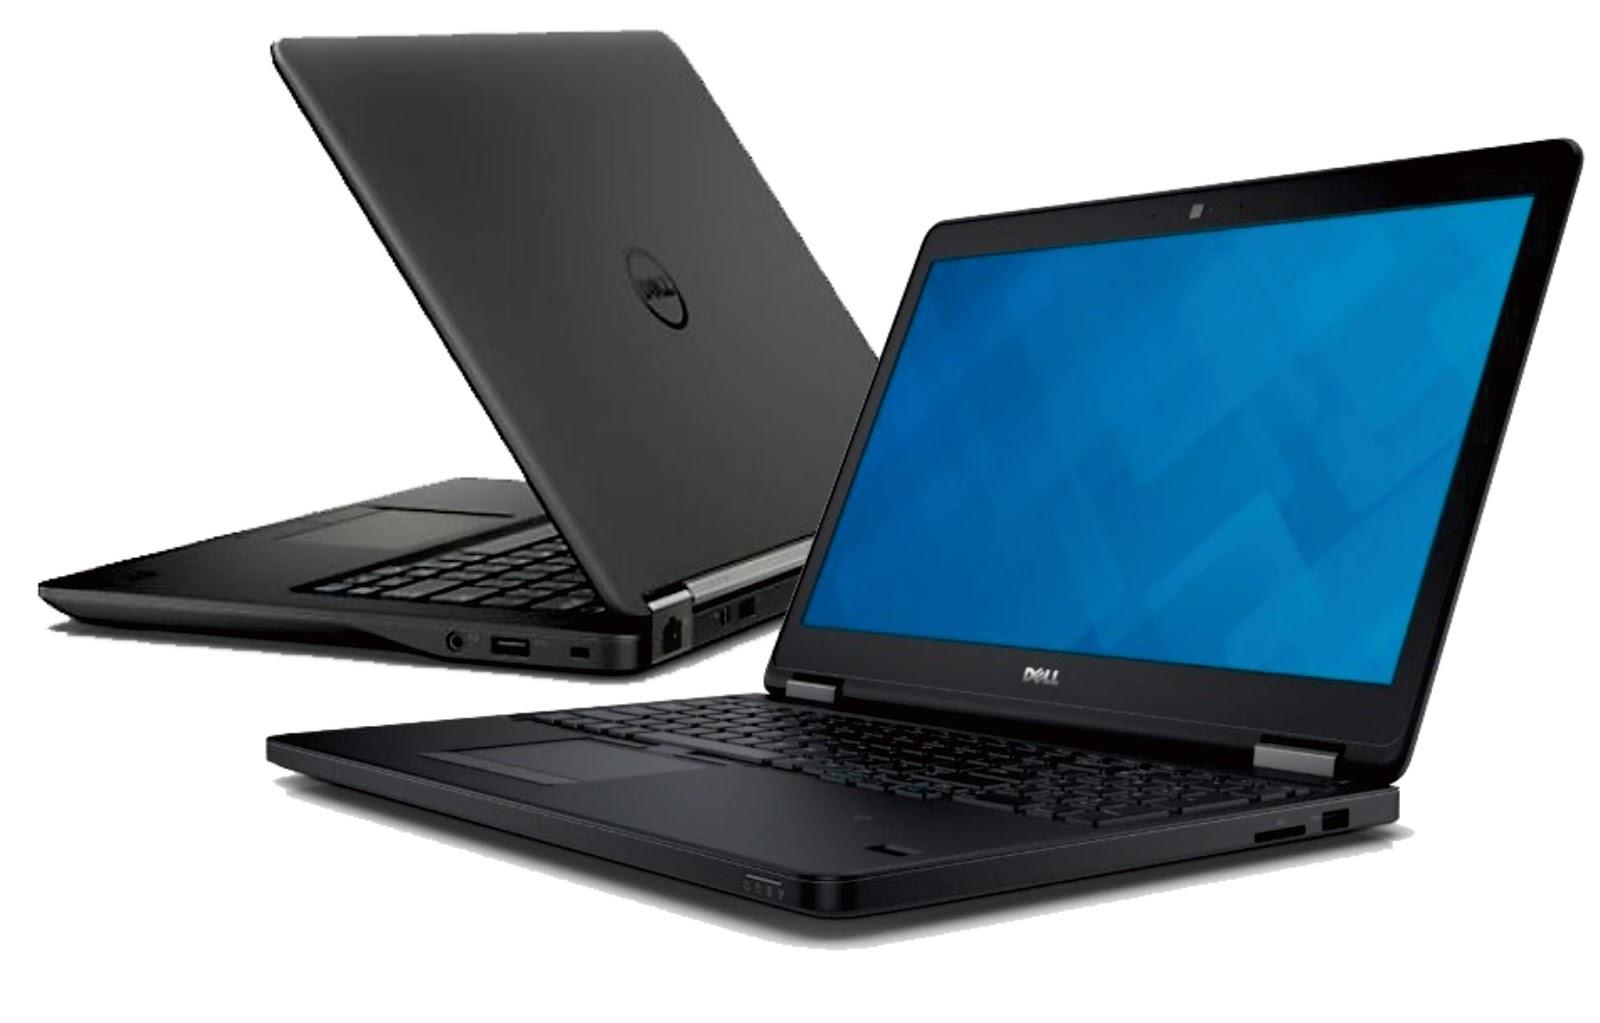 mua-laptop-cu-nhap-khau-my-cu-huong-moi-thoi-hien-dai1